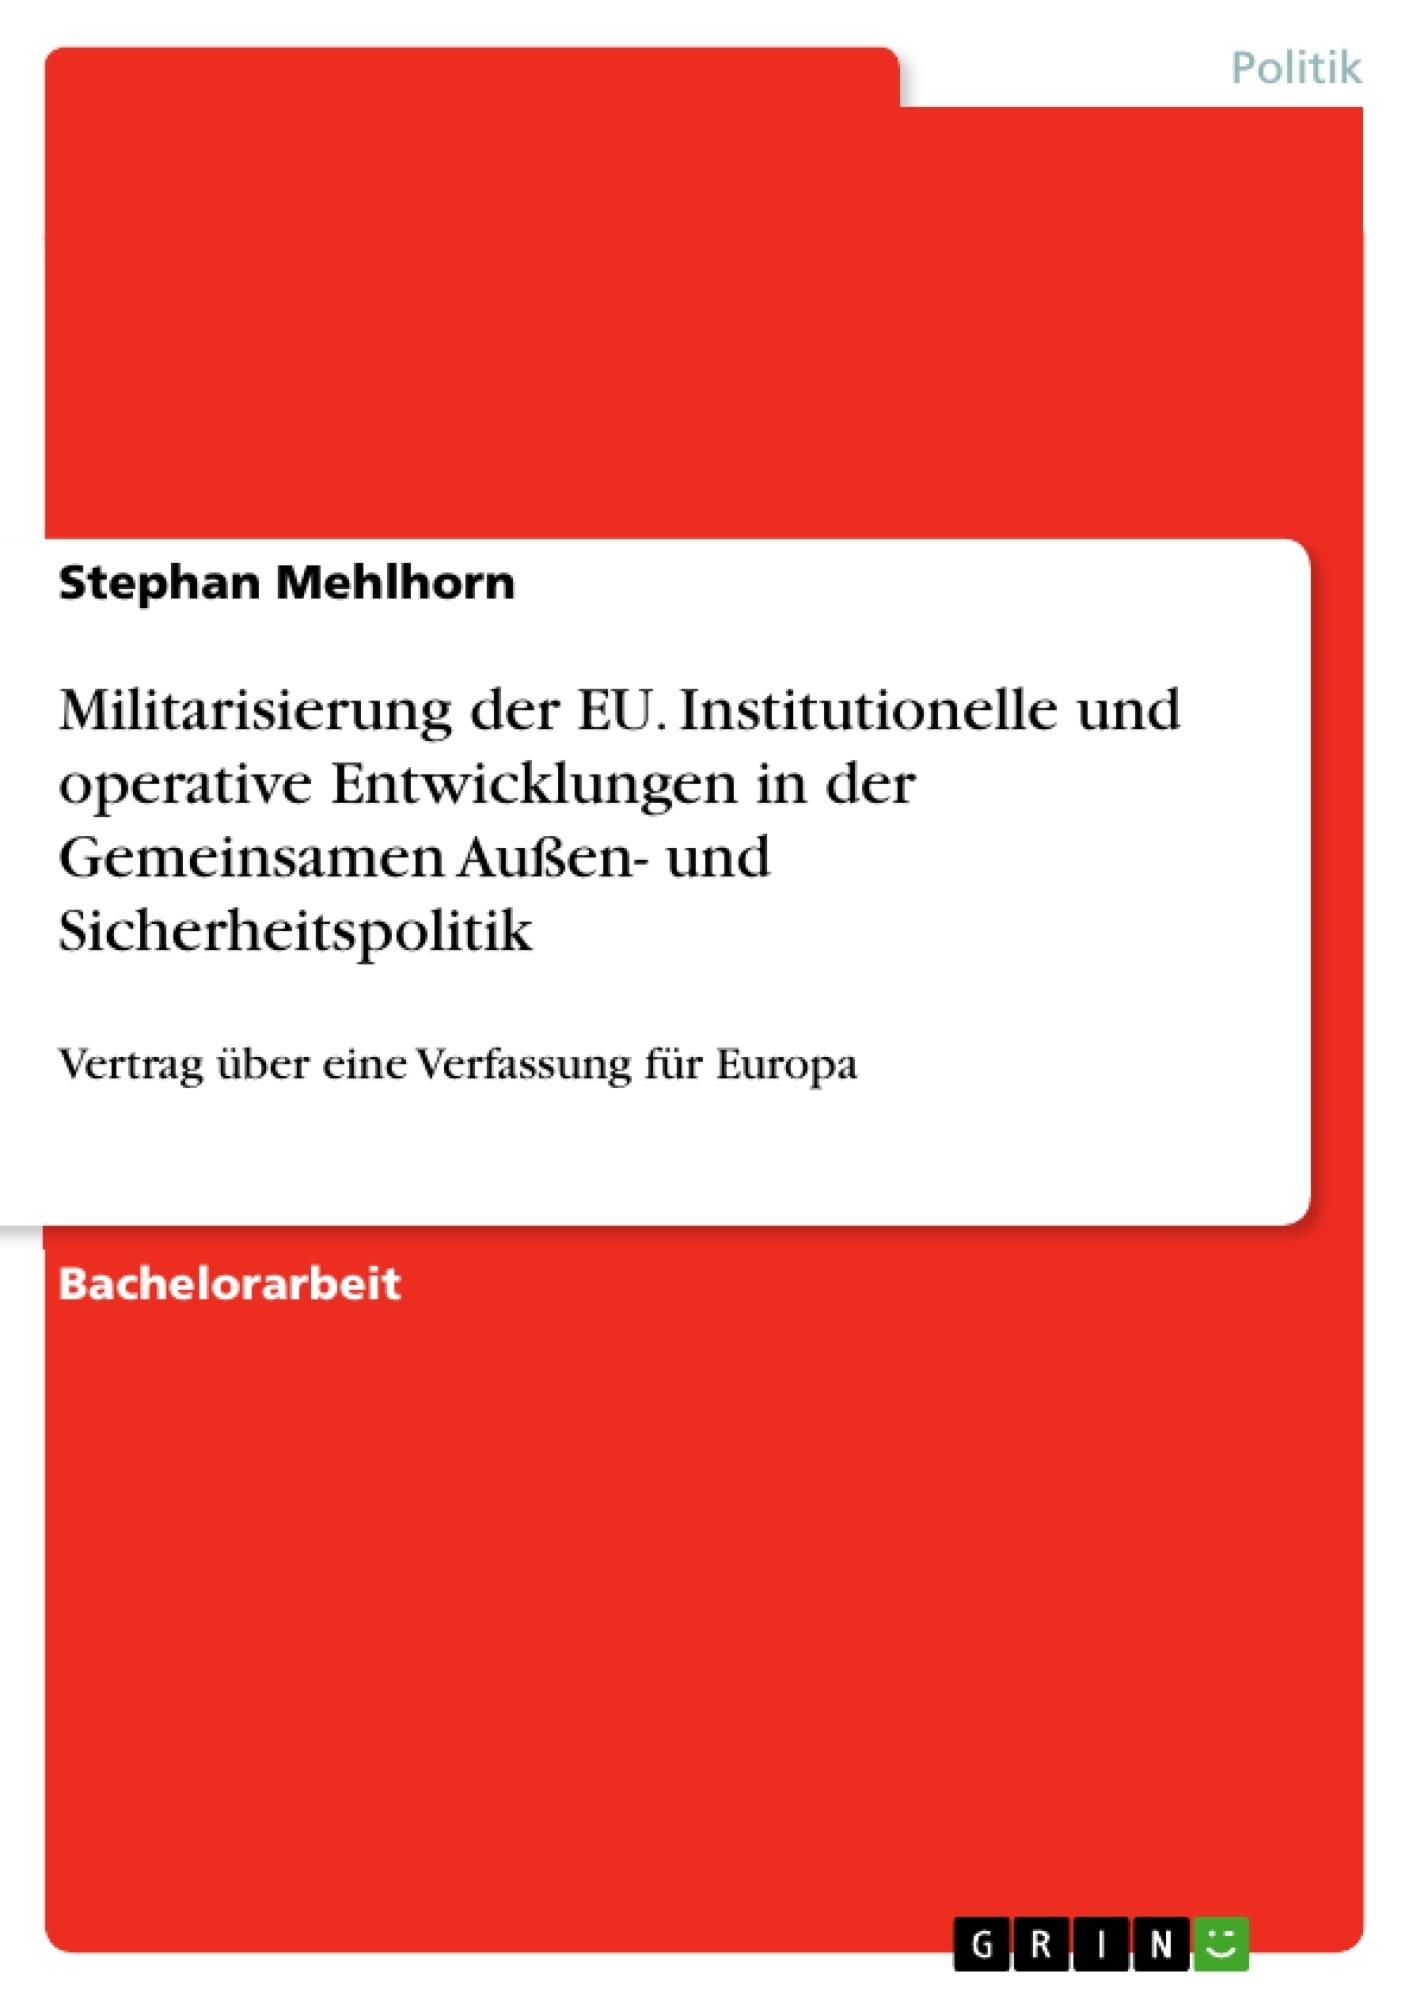 Titel: Militarisierung der EU. Institutionelle und operative Entwicklungen in der Gemeinsamen Außen- und Sicherheitspolitik